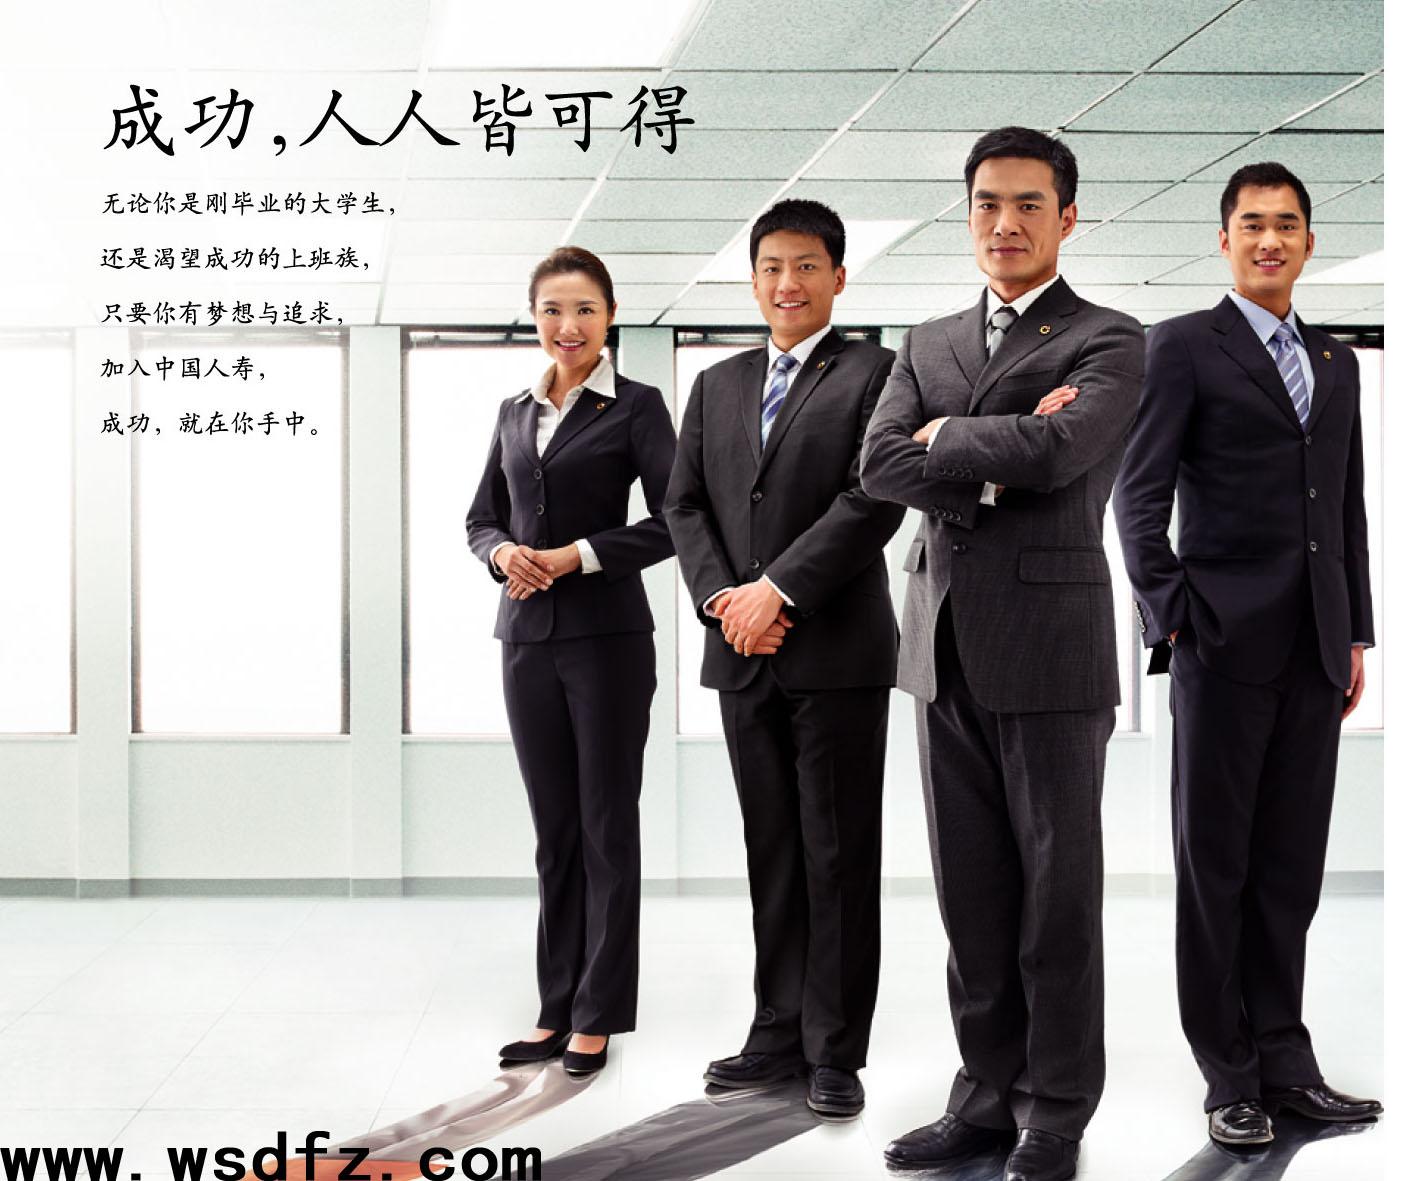 保险公司职业西装定制,比如中国人寿,平安保险等对员工的着装是很讲究